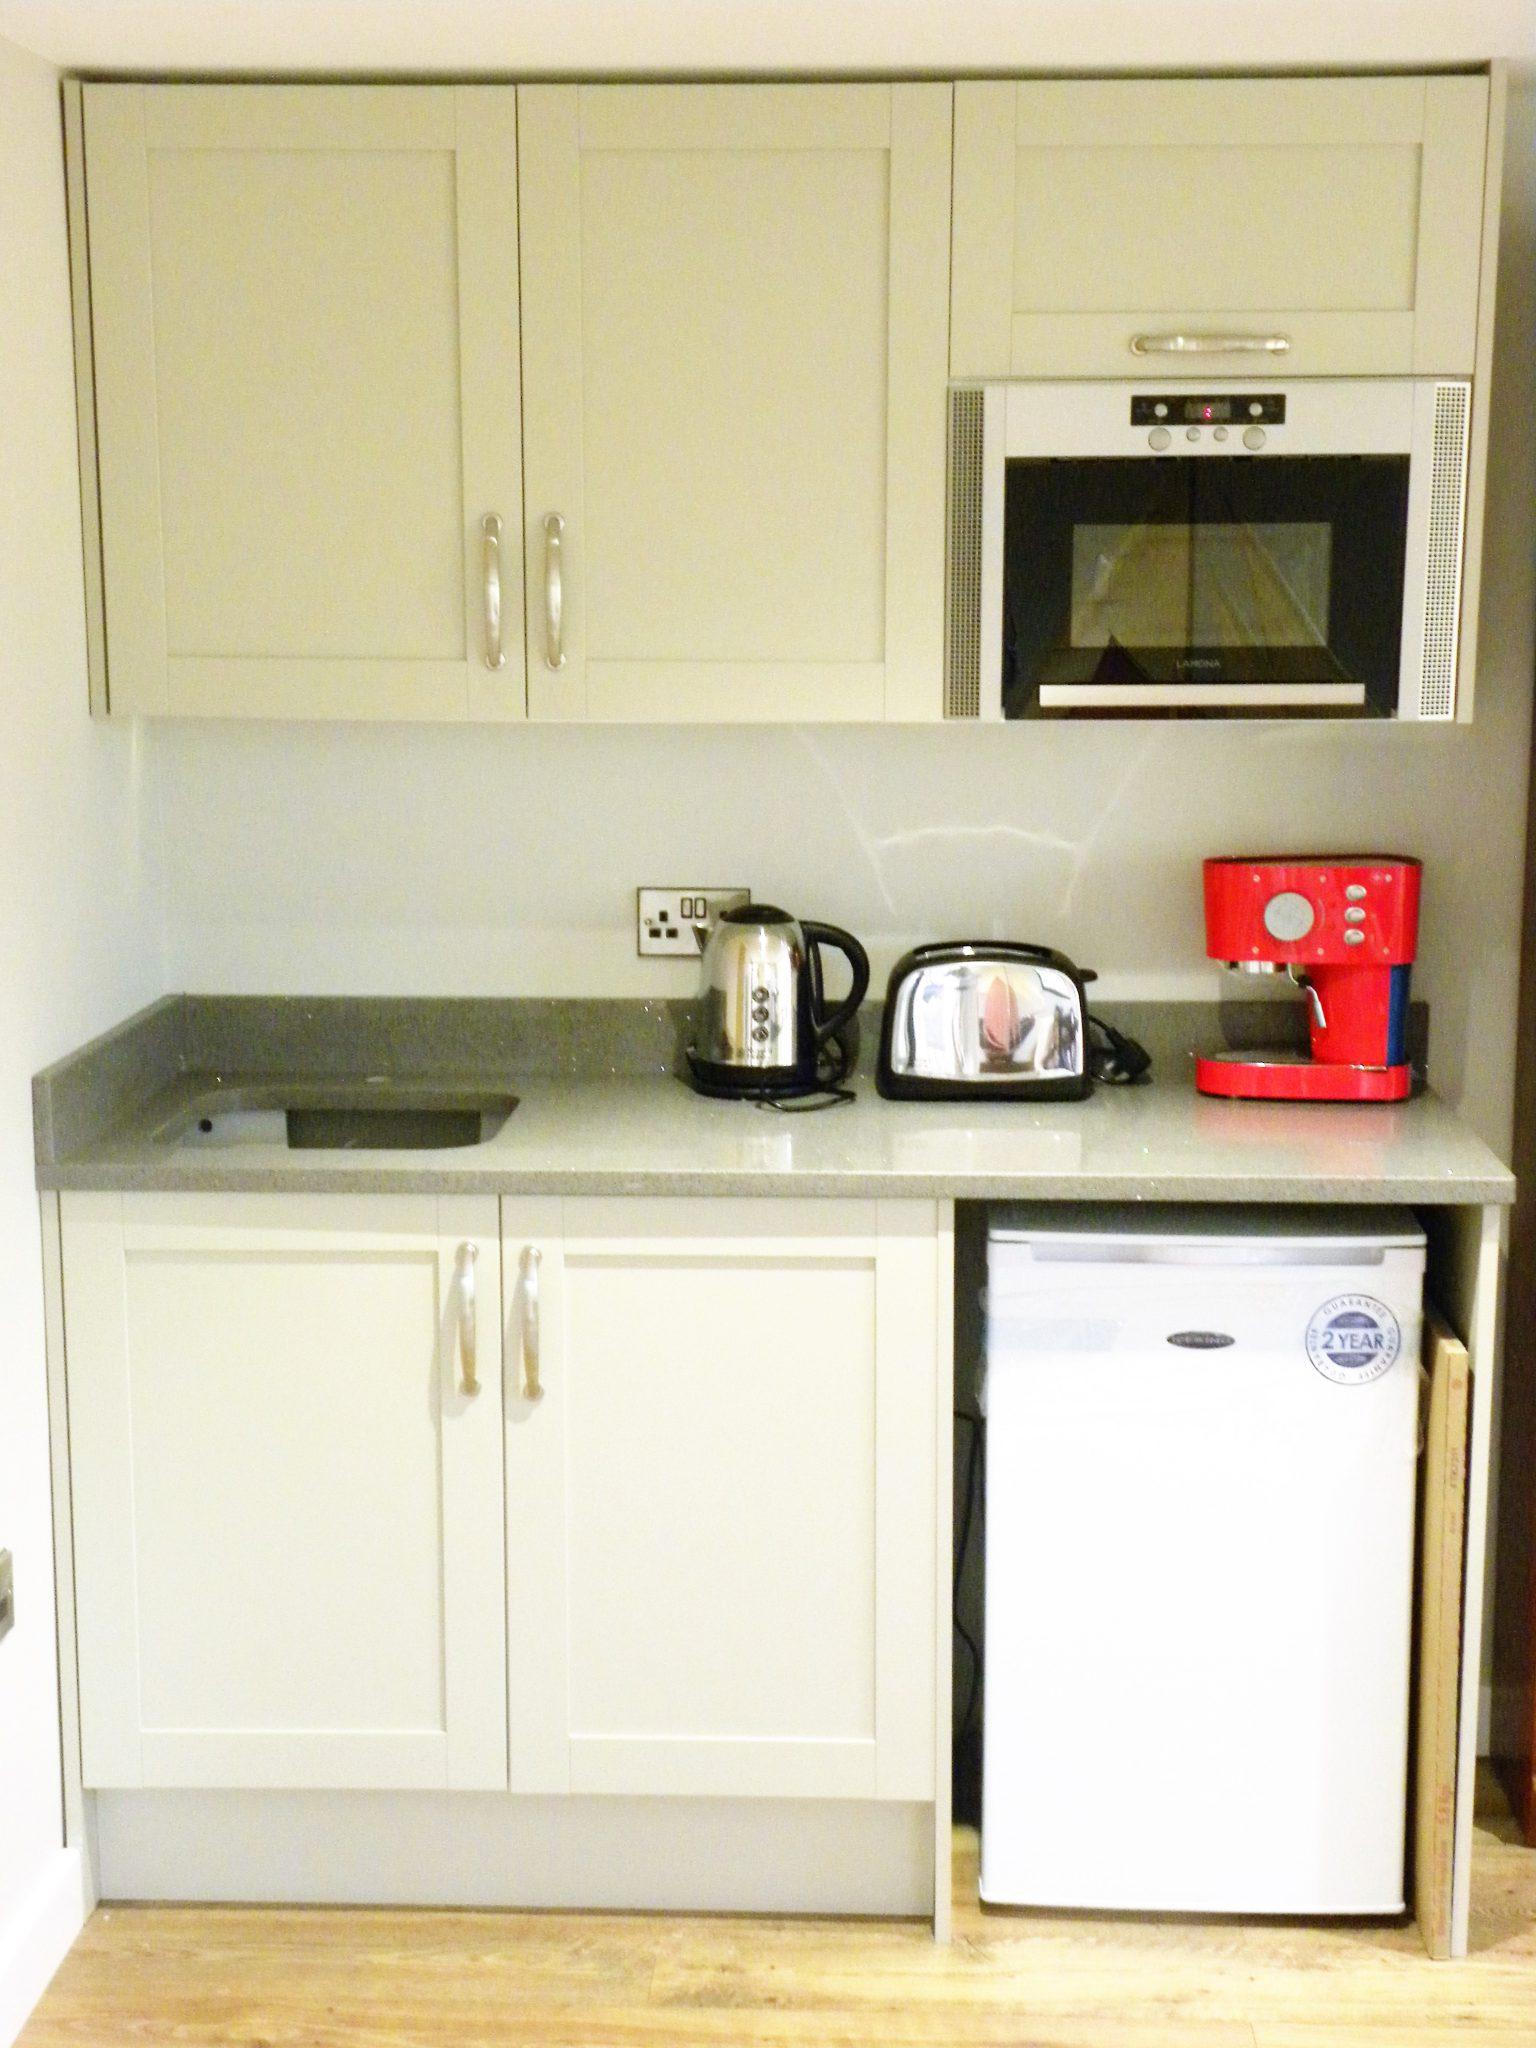 Granny annexe, kitchenette, living annexe, garden rooms